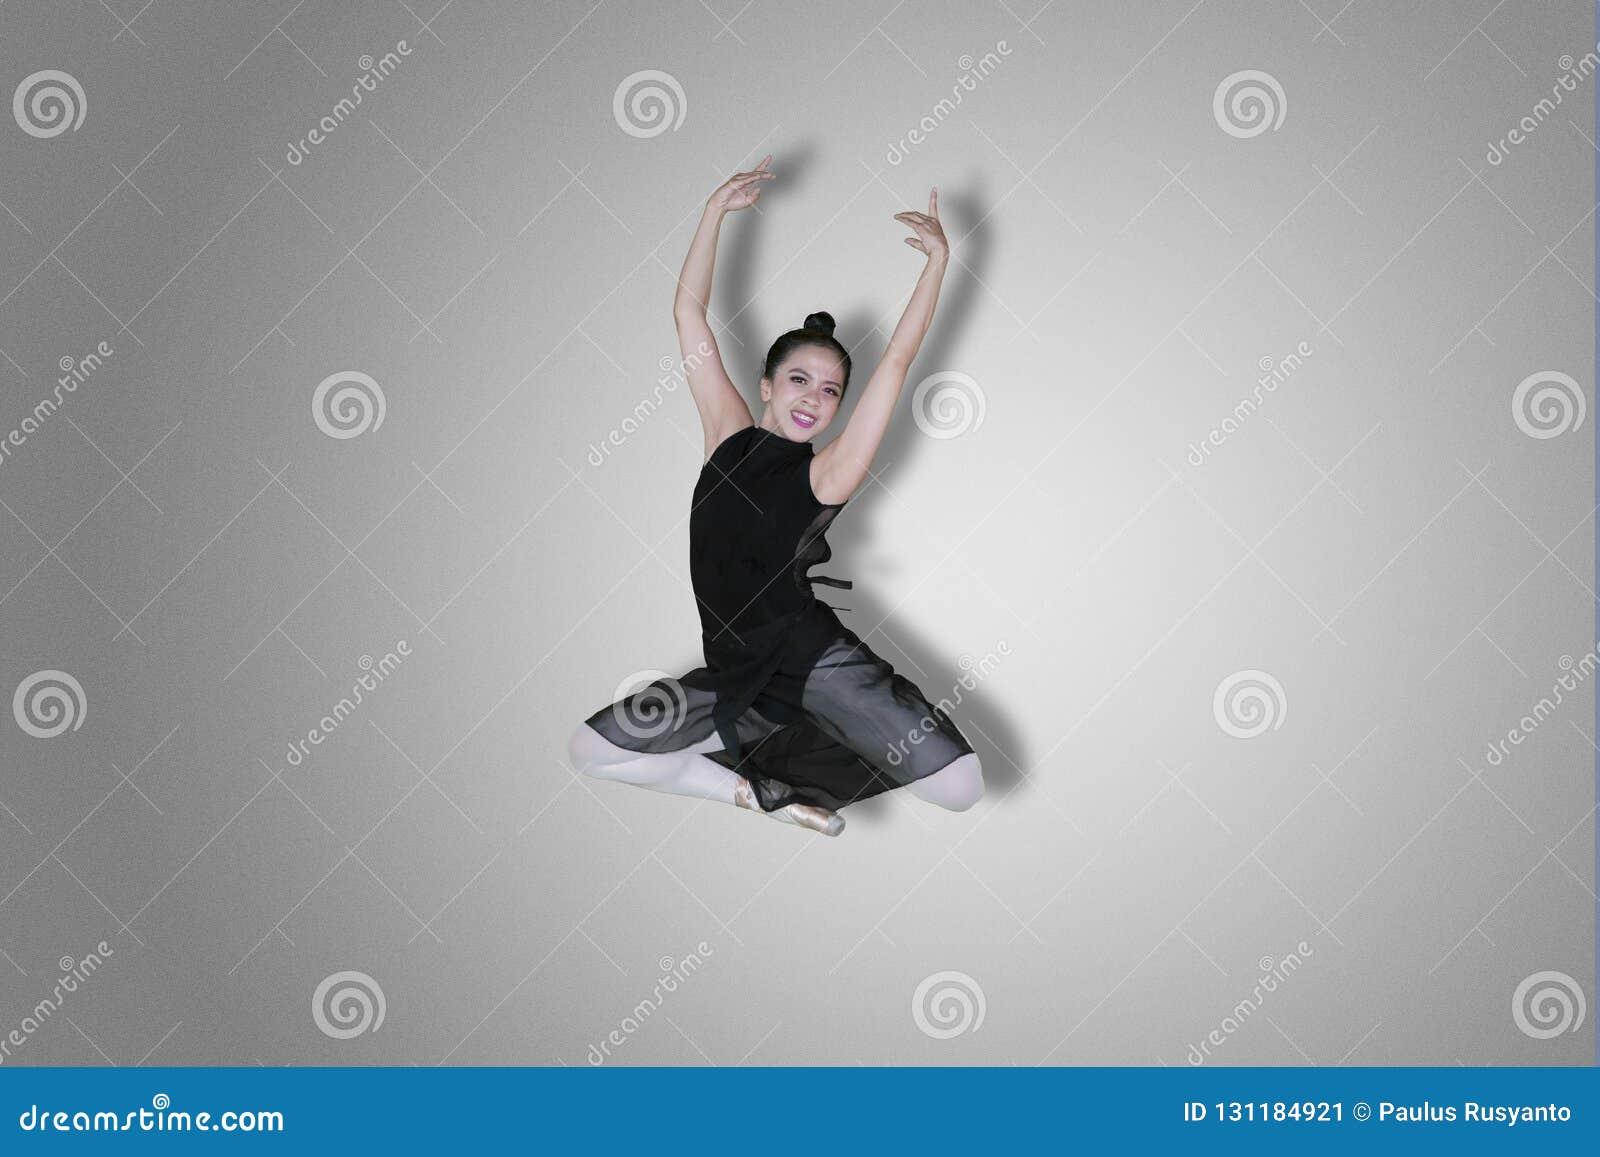 Szczęśliwy baletniczy tancerz wykonuje eleganckiego skok